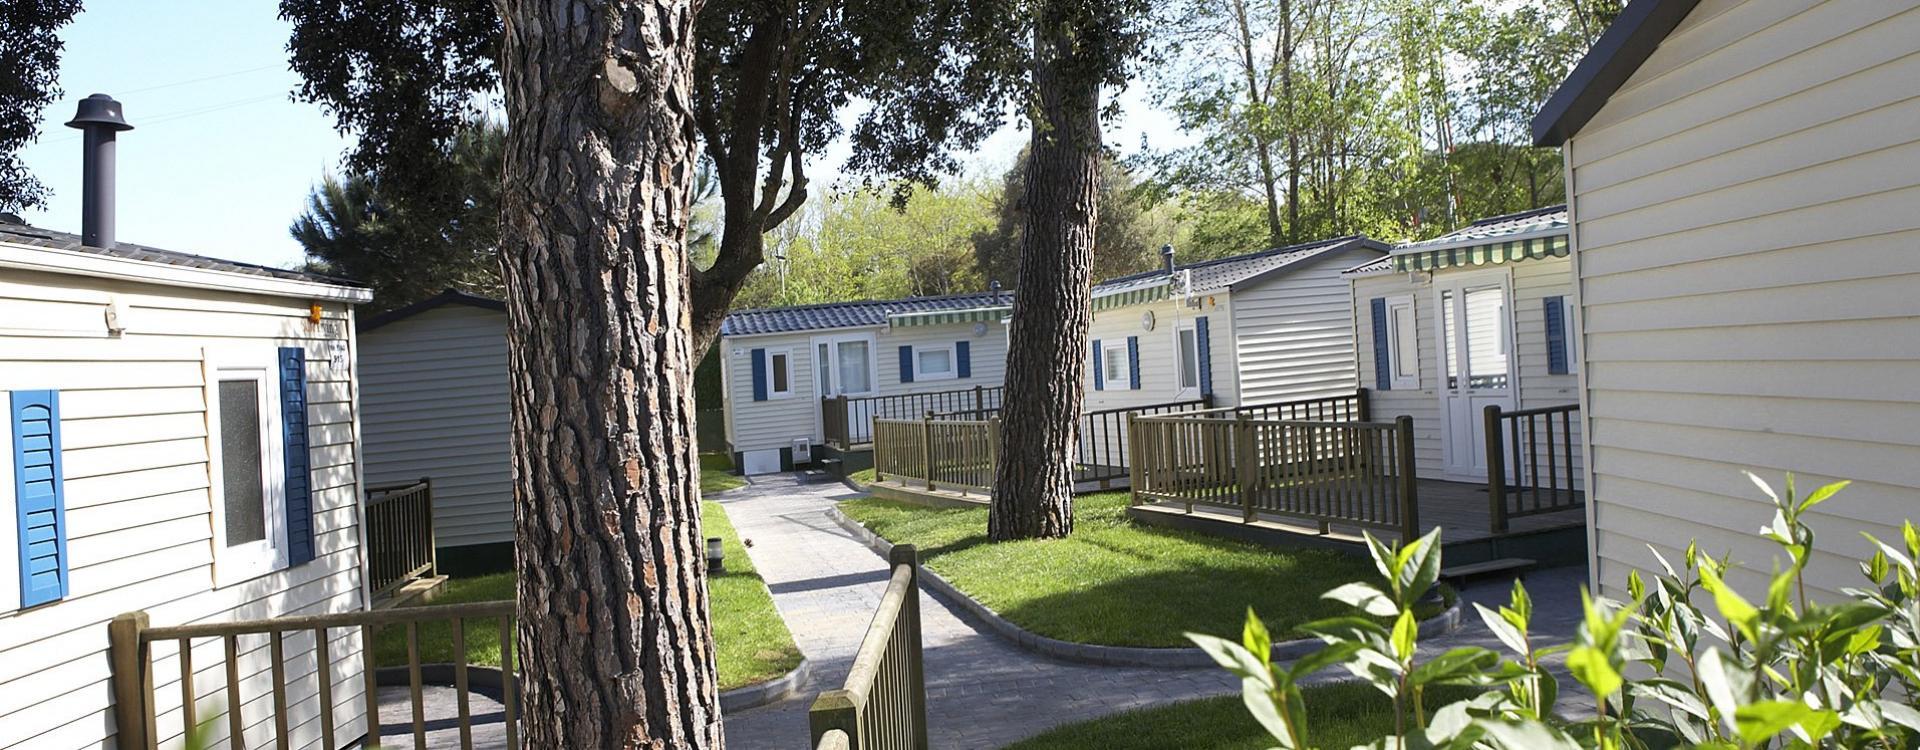 Exterieur Mobil Home Mare Nostrum Camping Valldaro